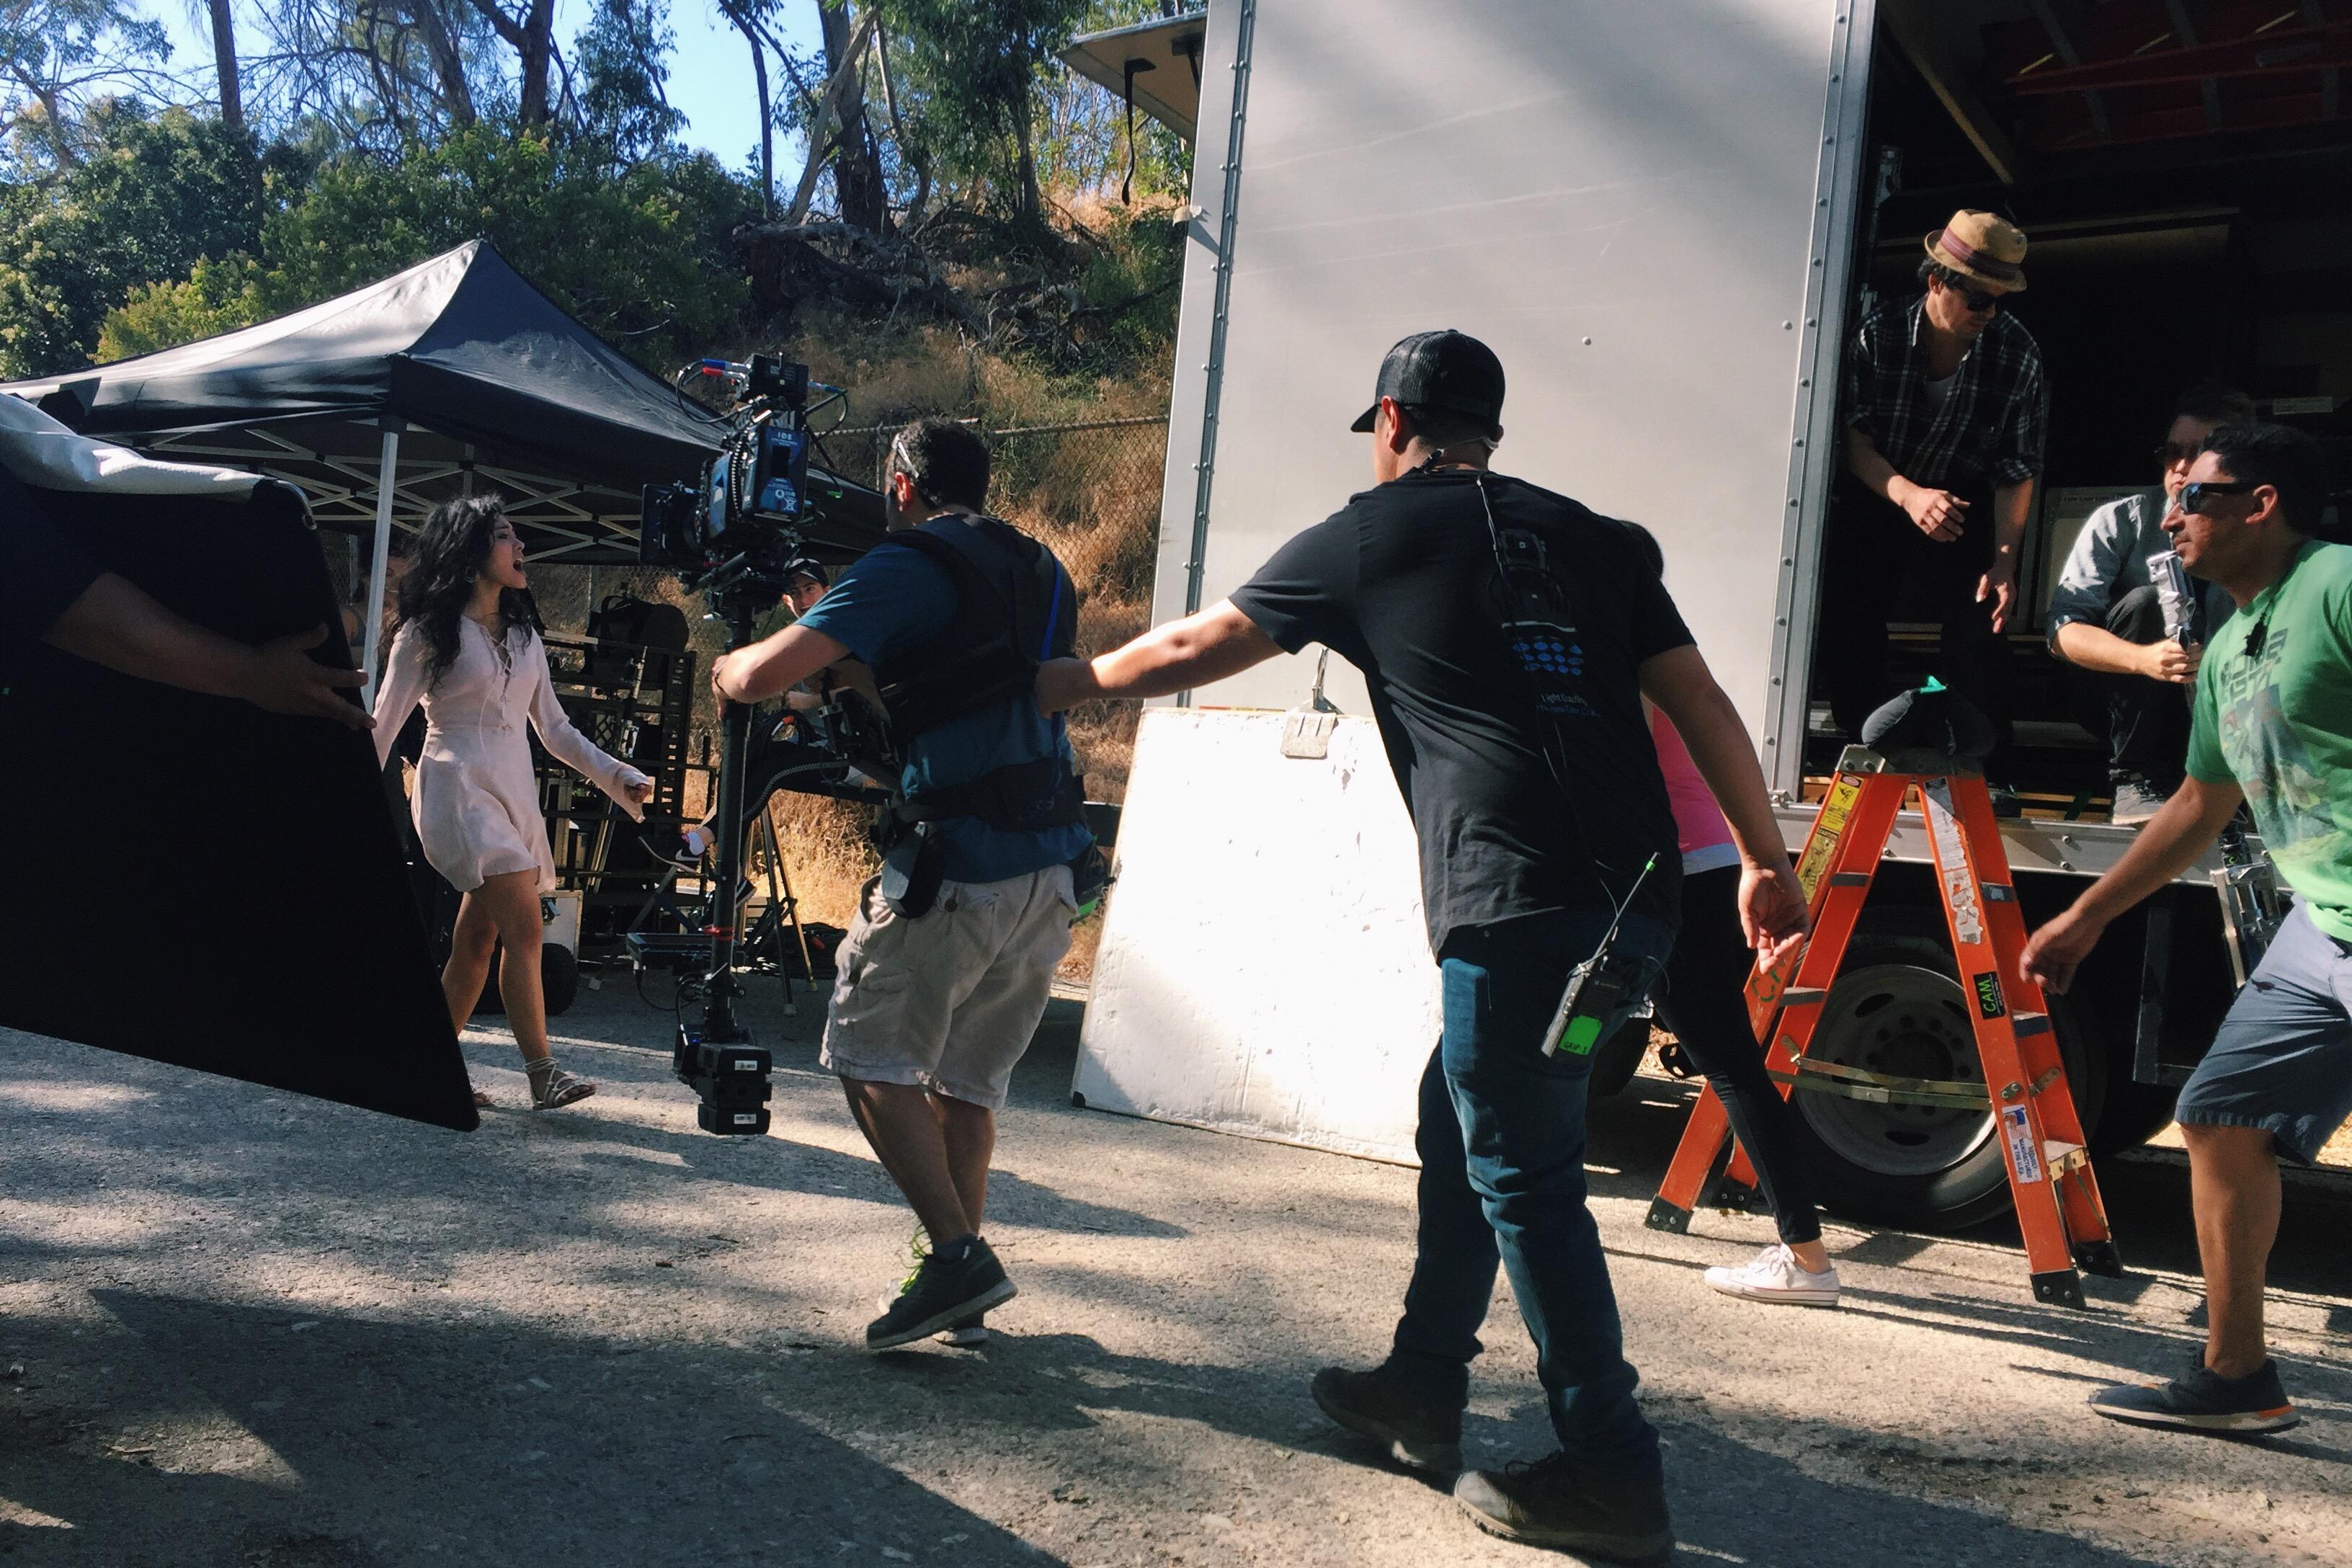 Filmtools Filmmaker Friday featuring Filmmaker Kevin Stiller 5